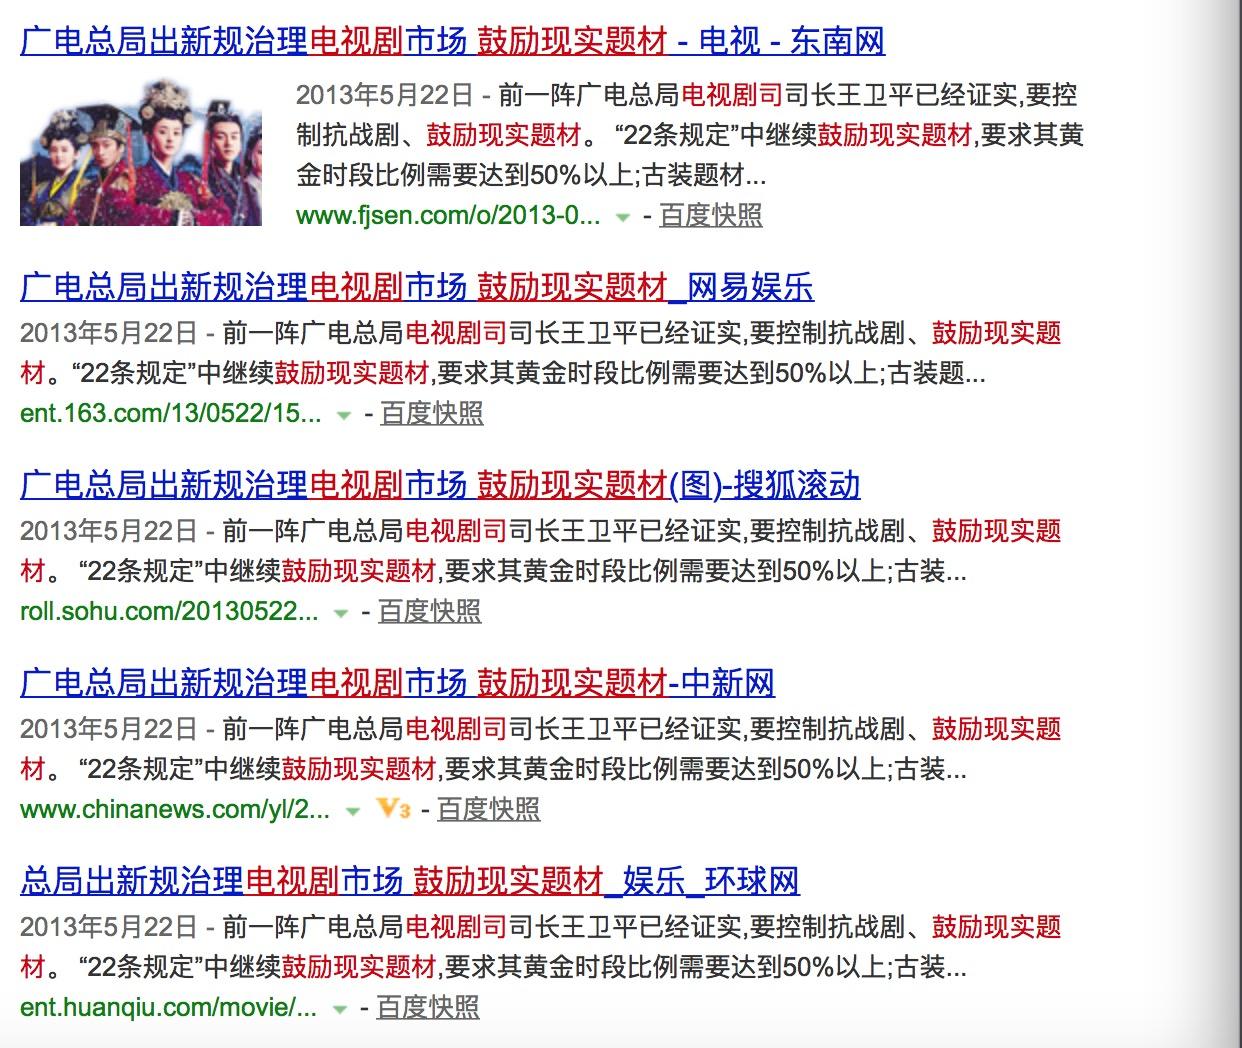 《猎场》《急诊科》评分不过6,相比美日TVB的行业剧到底差在哪?